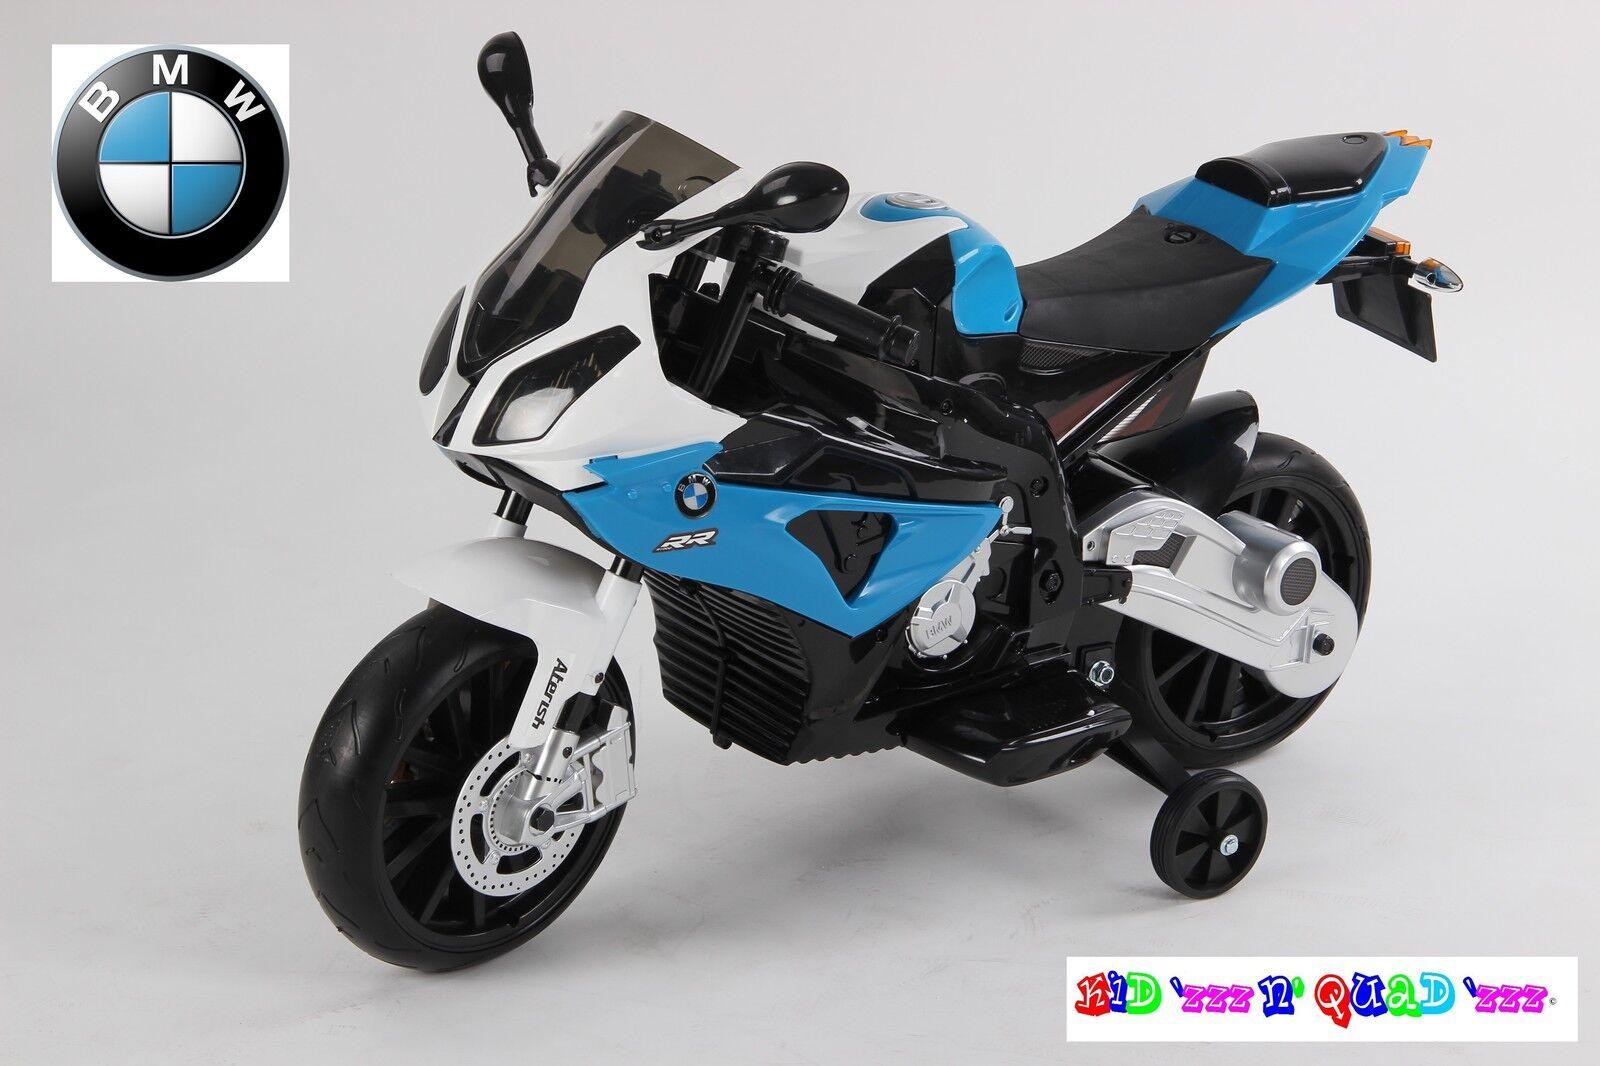 moto lectrique enfant 12v bmw s1000 rr licence bmw noir eur 239 00 picclick fr. Black Bedroom Furniture Sets. Home Design Ideas